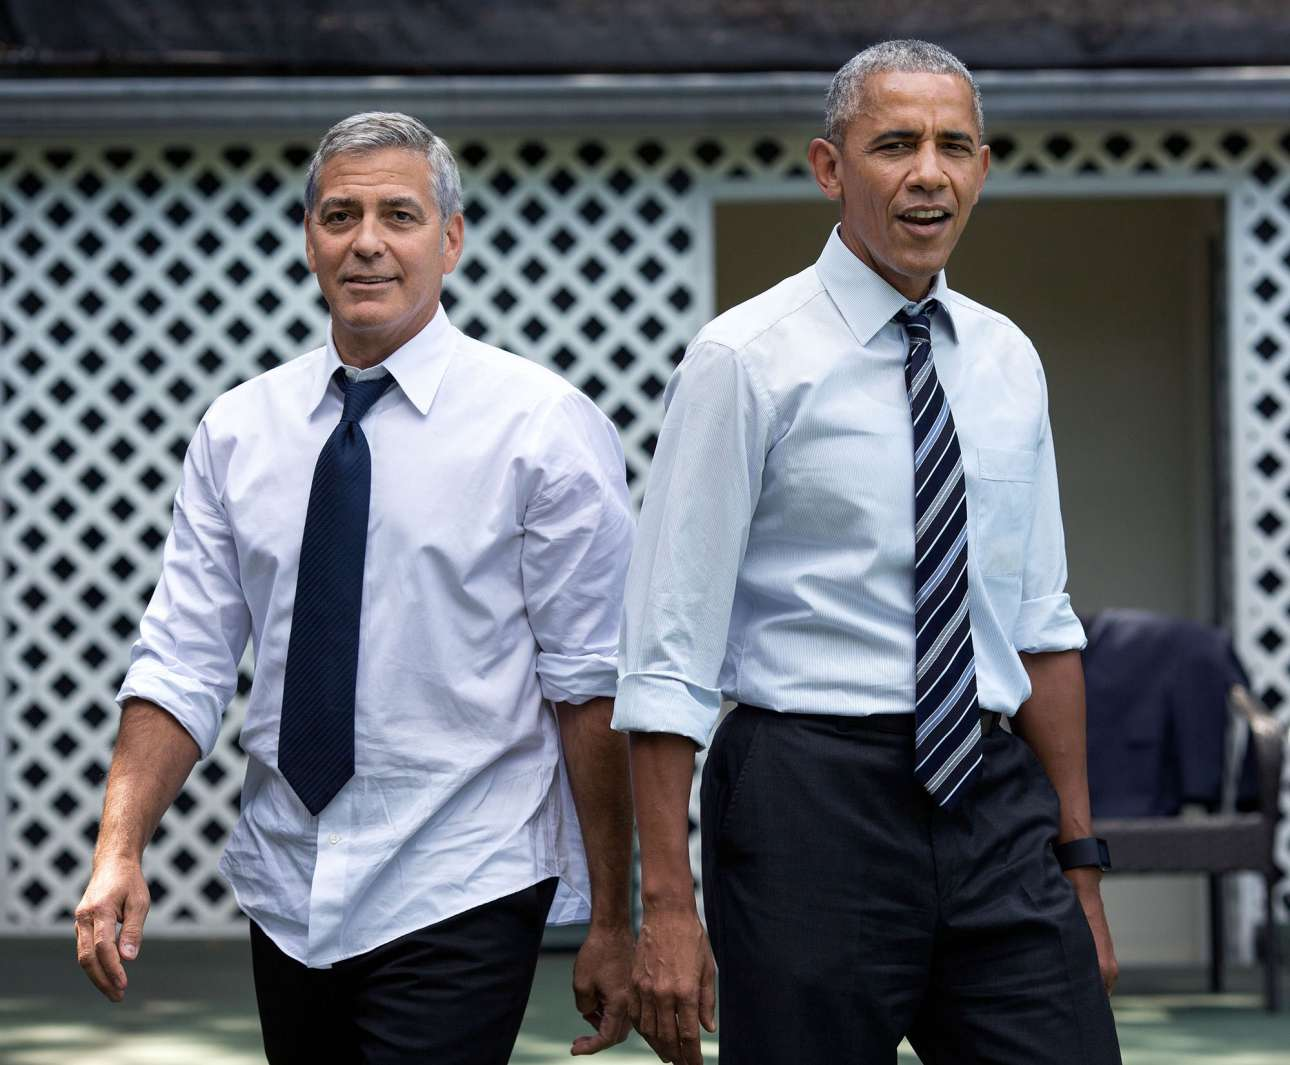 Σεπτέμβριος: Ο Τζορτζ Κλούνεϊ παίζει μπάσκετ με τον Ομπάμα στο γήπεδο του Λευκού Οίκου, μετά τη συνάντηση τους